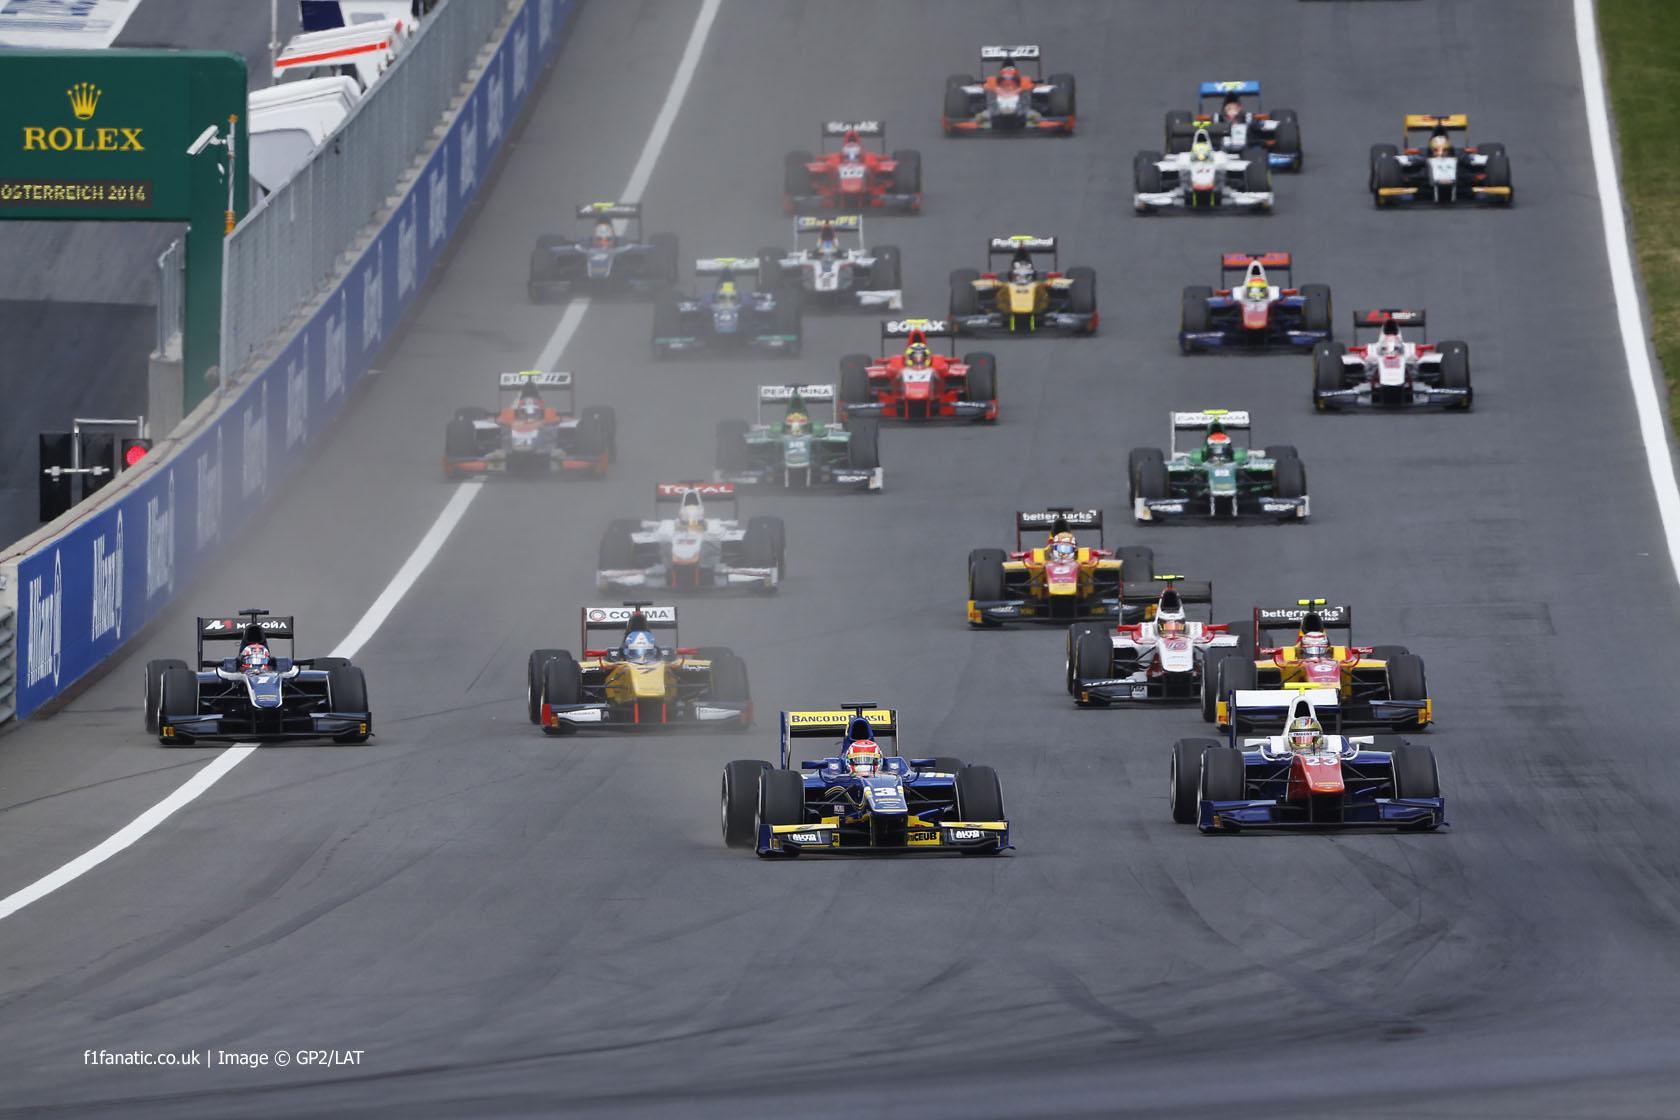 Start, GP2, Red Bull Ring, 2014, 2